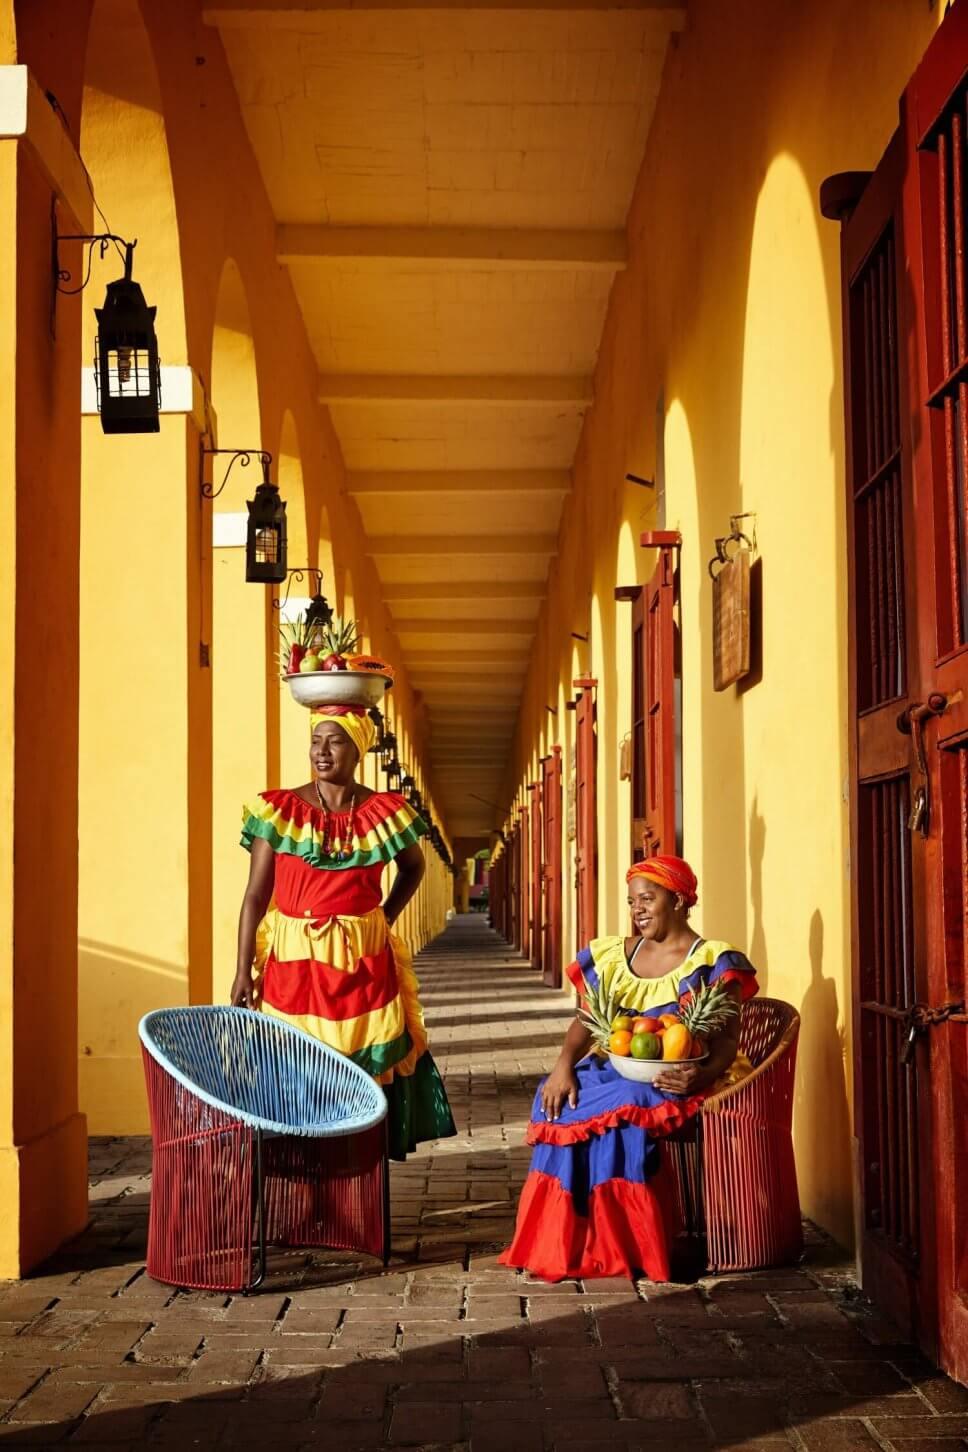 Zwei kolumbianische Frauen in farbenfrohe Tracht stehen vor zwei Sesseln aus buntem Geflecht in einem Laubengang in einer karibischen Kolonialstadt